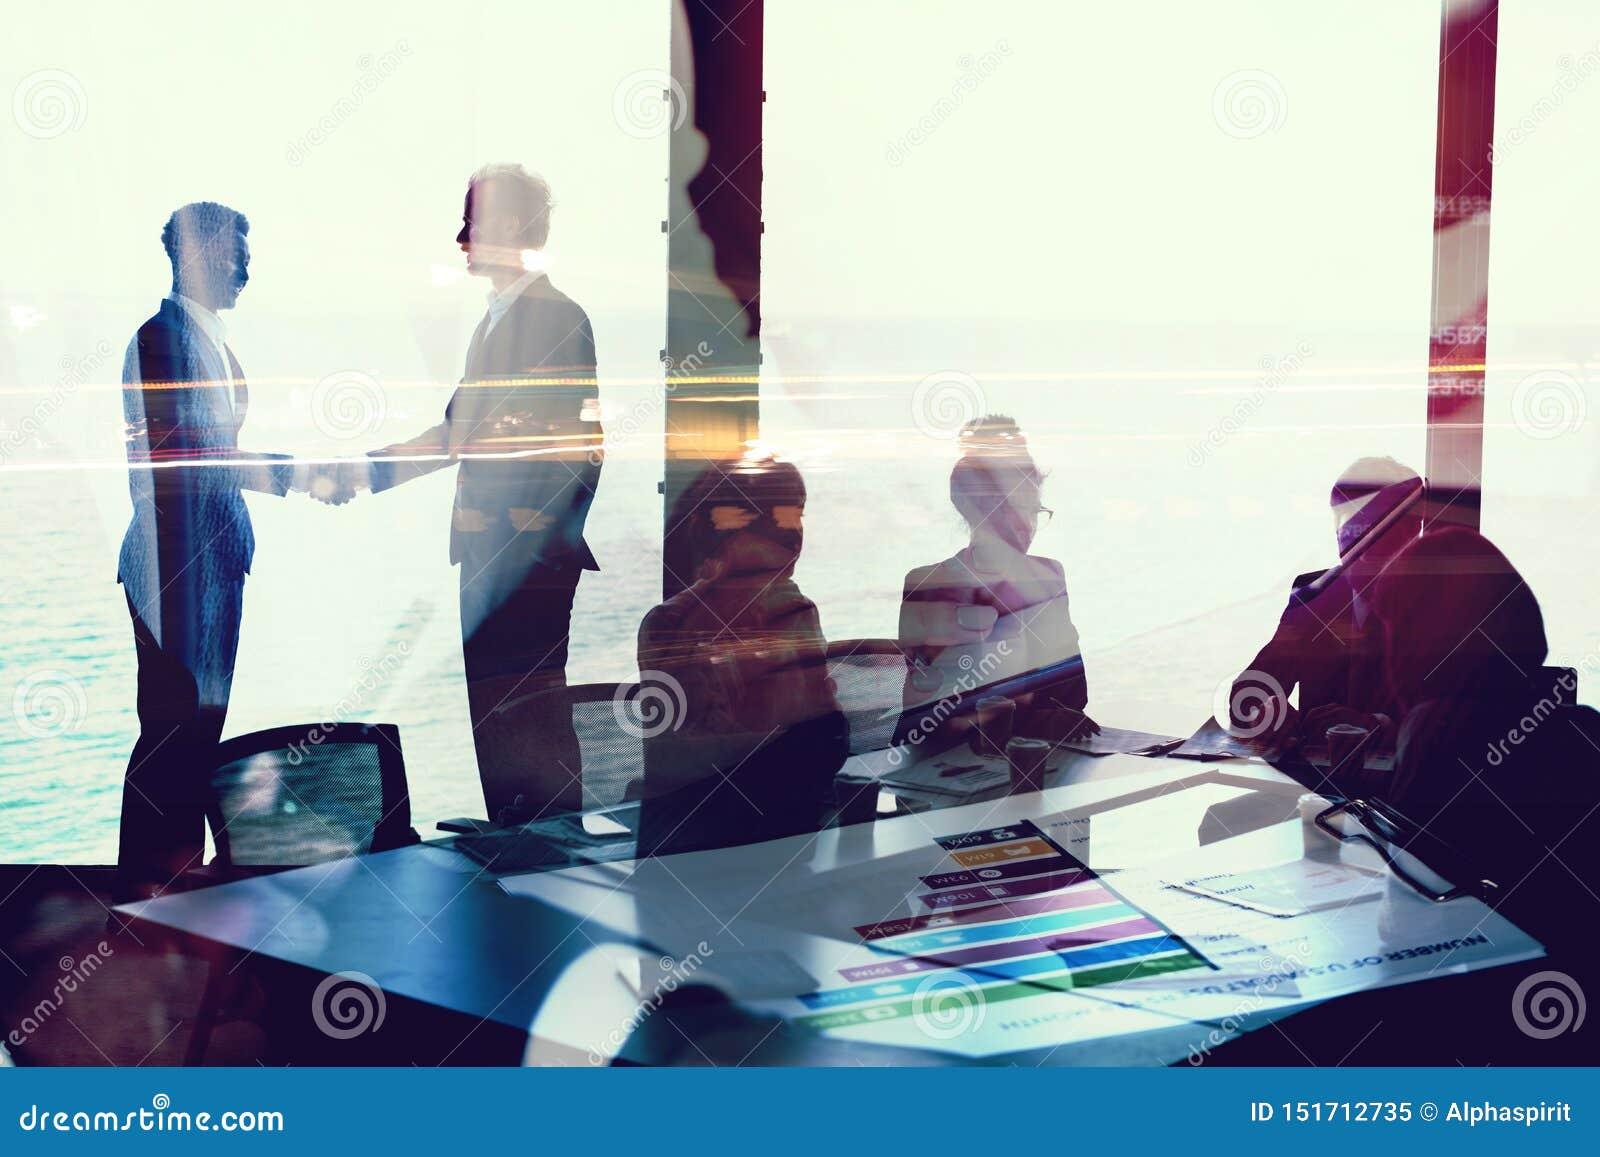 Handdruk van businessperson twee in bureau met netwerkeffect Concept vennootschap en groepswerk